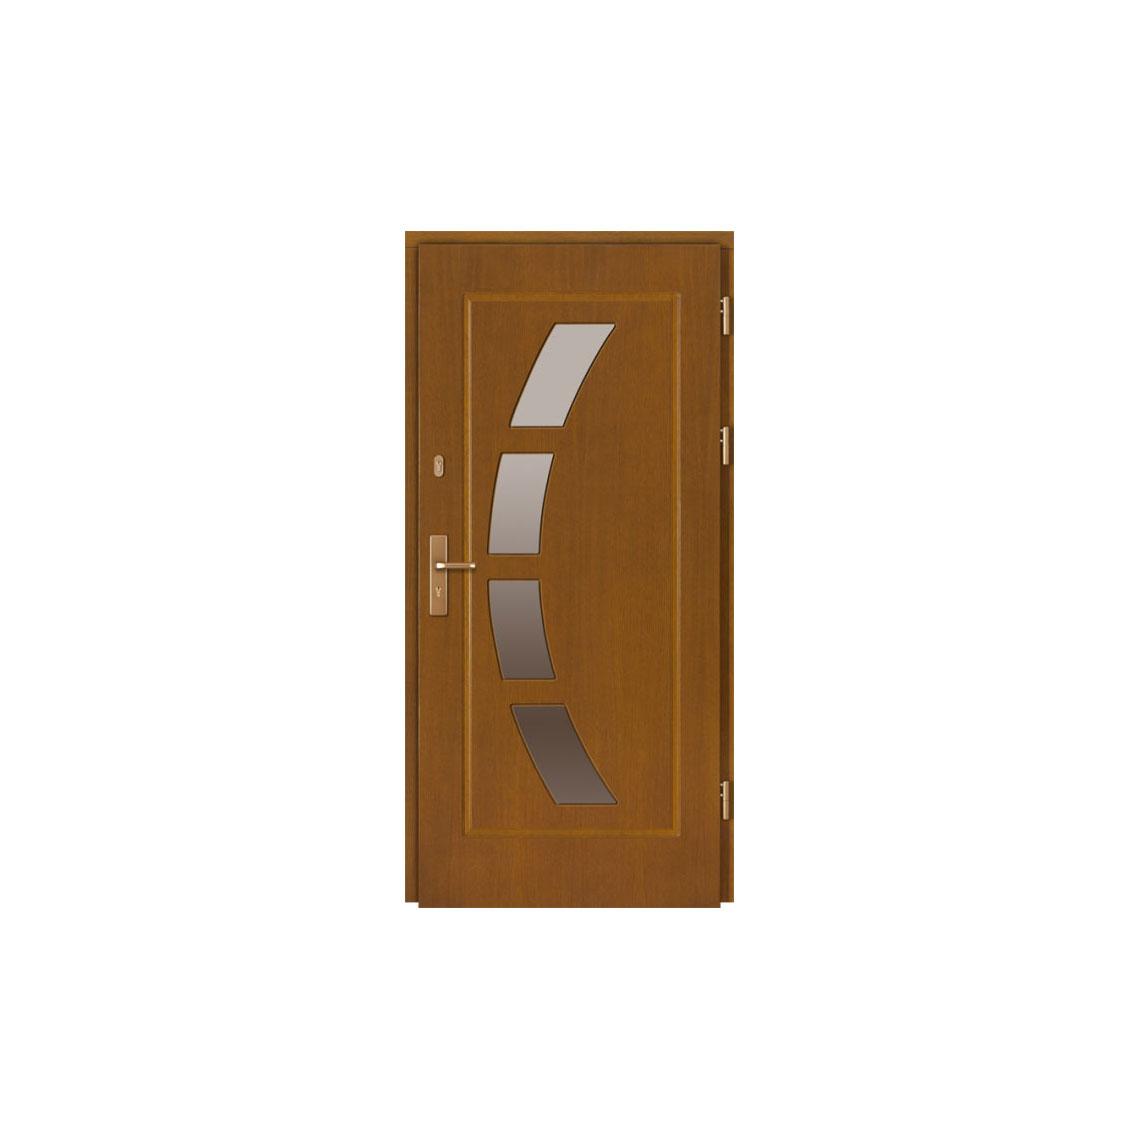 Wooden door WD-2